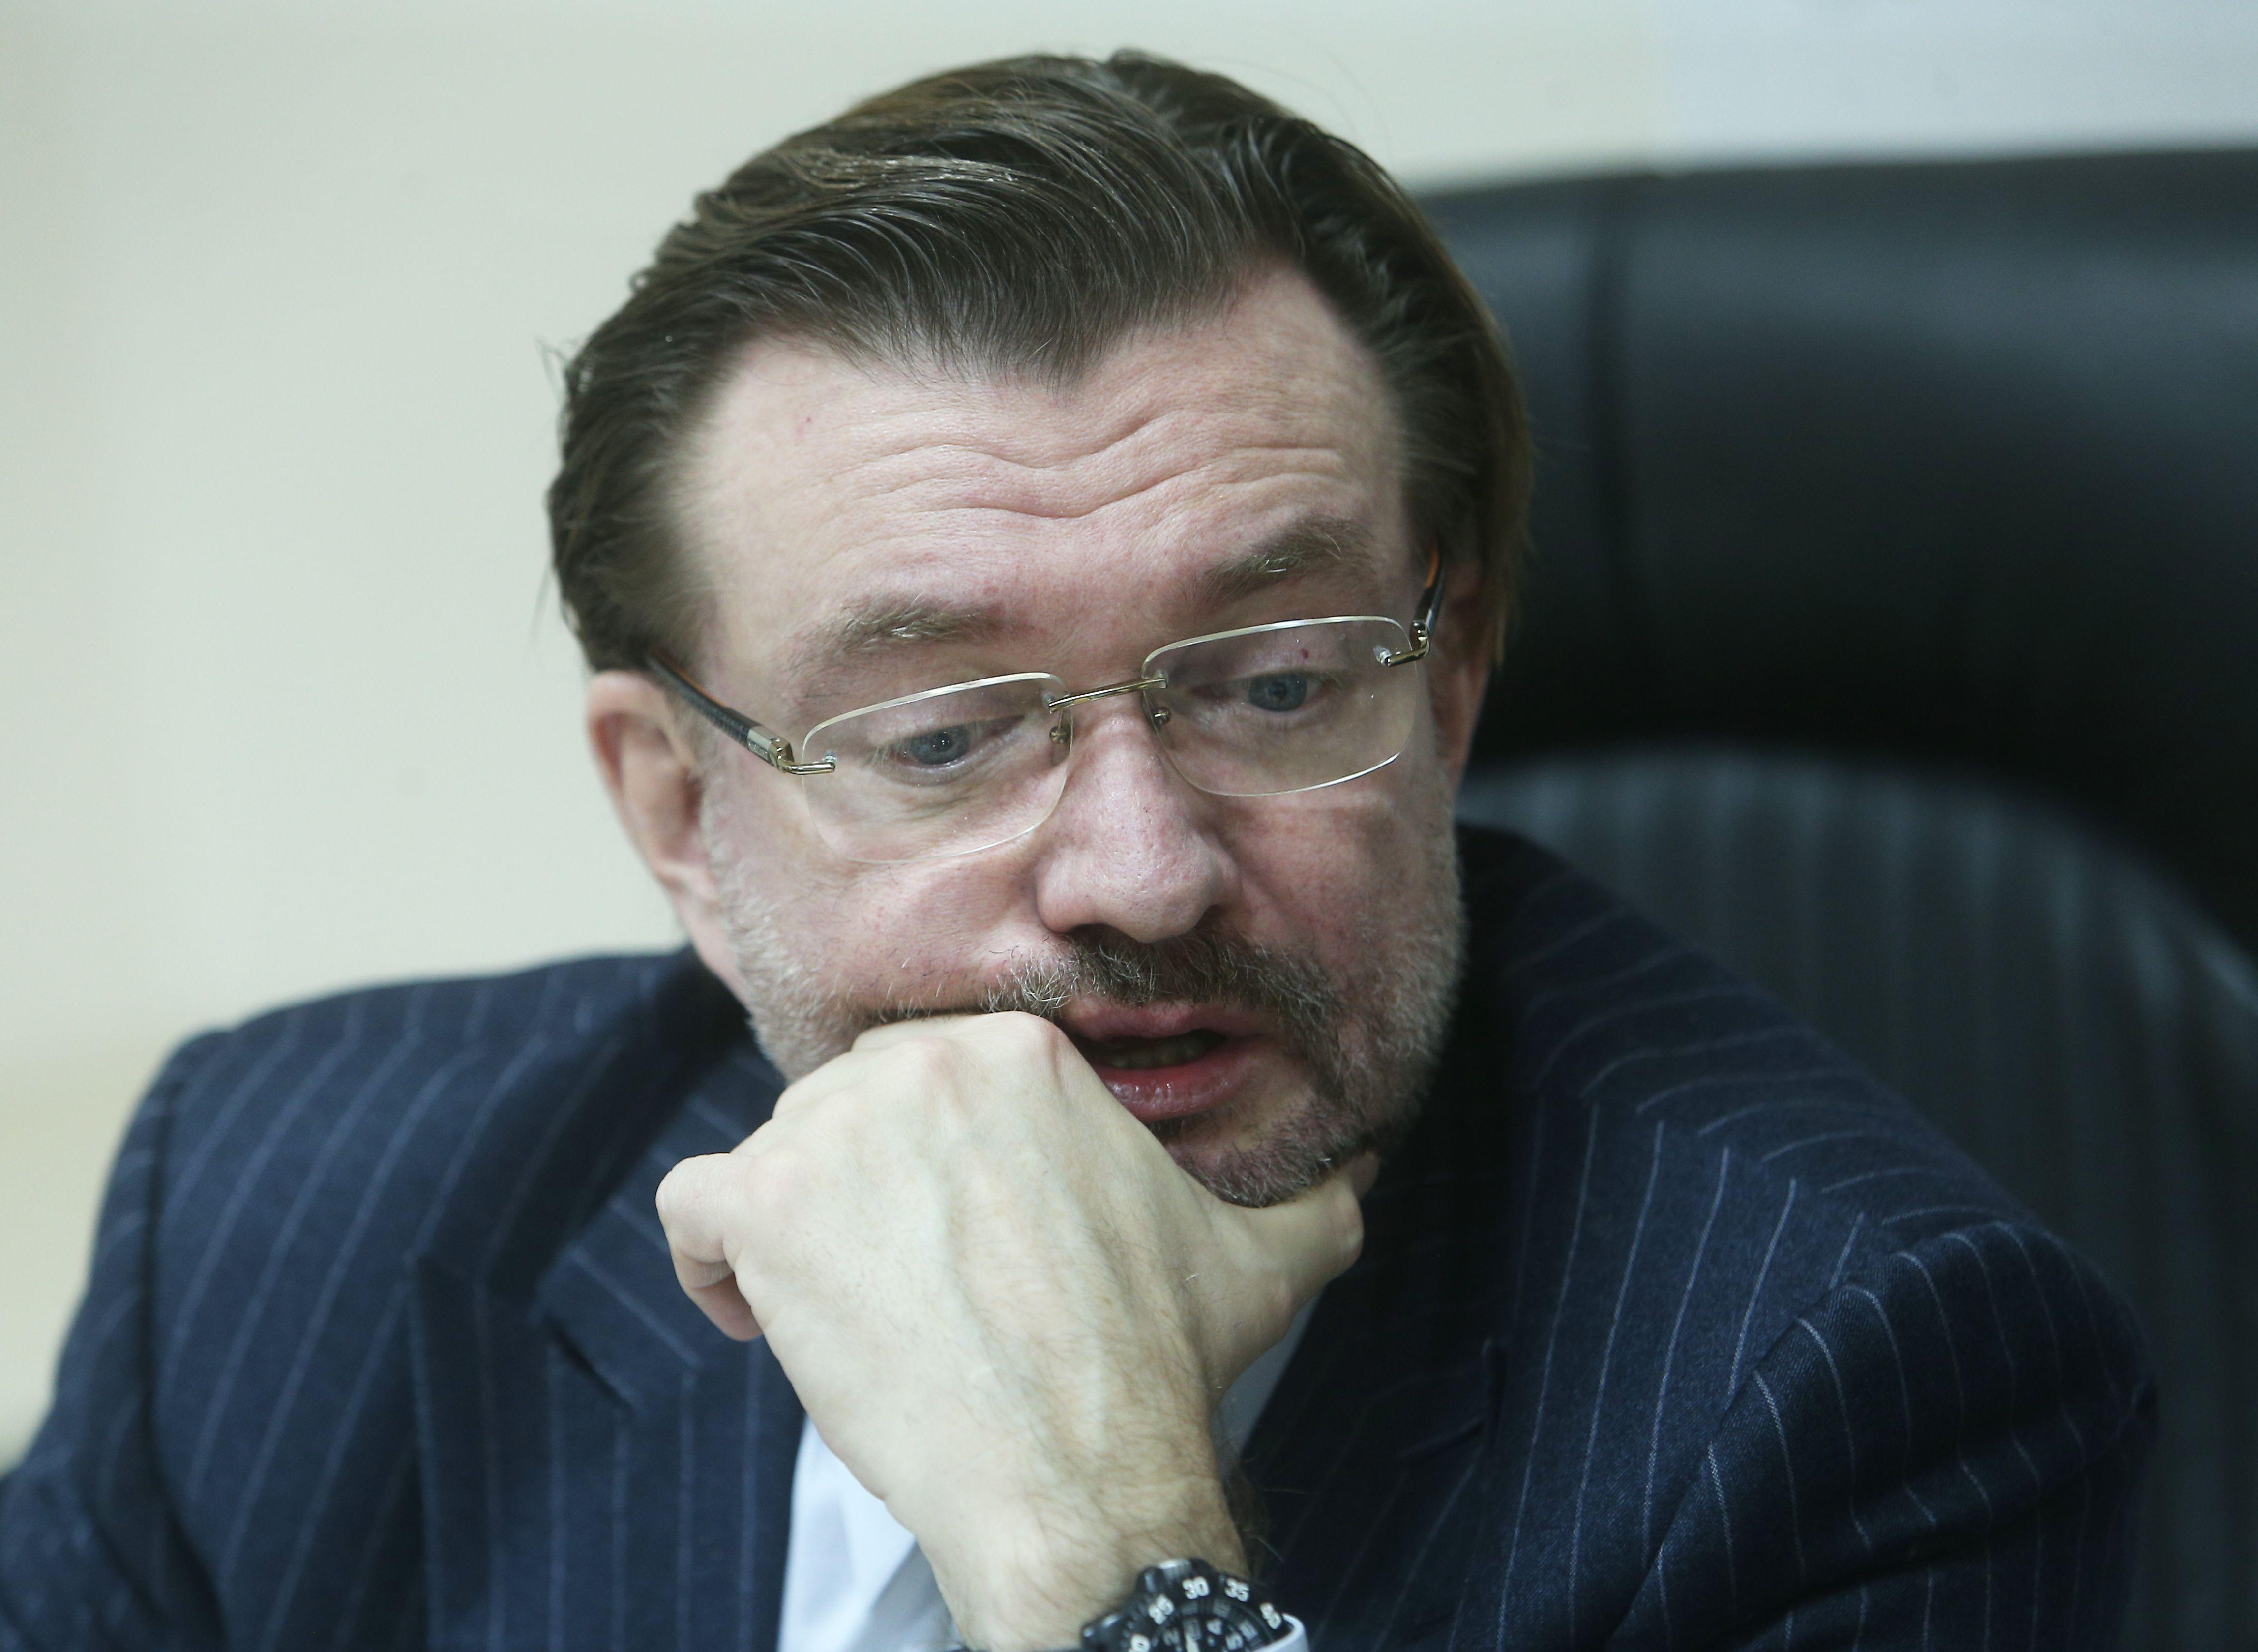 Лилия Шевцова — самый глубокий политолог в РФ, считает ведущий